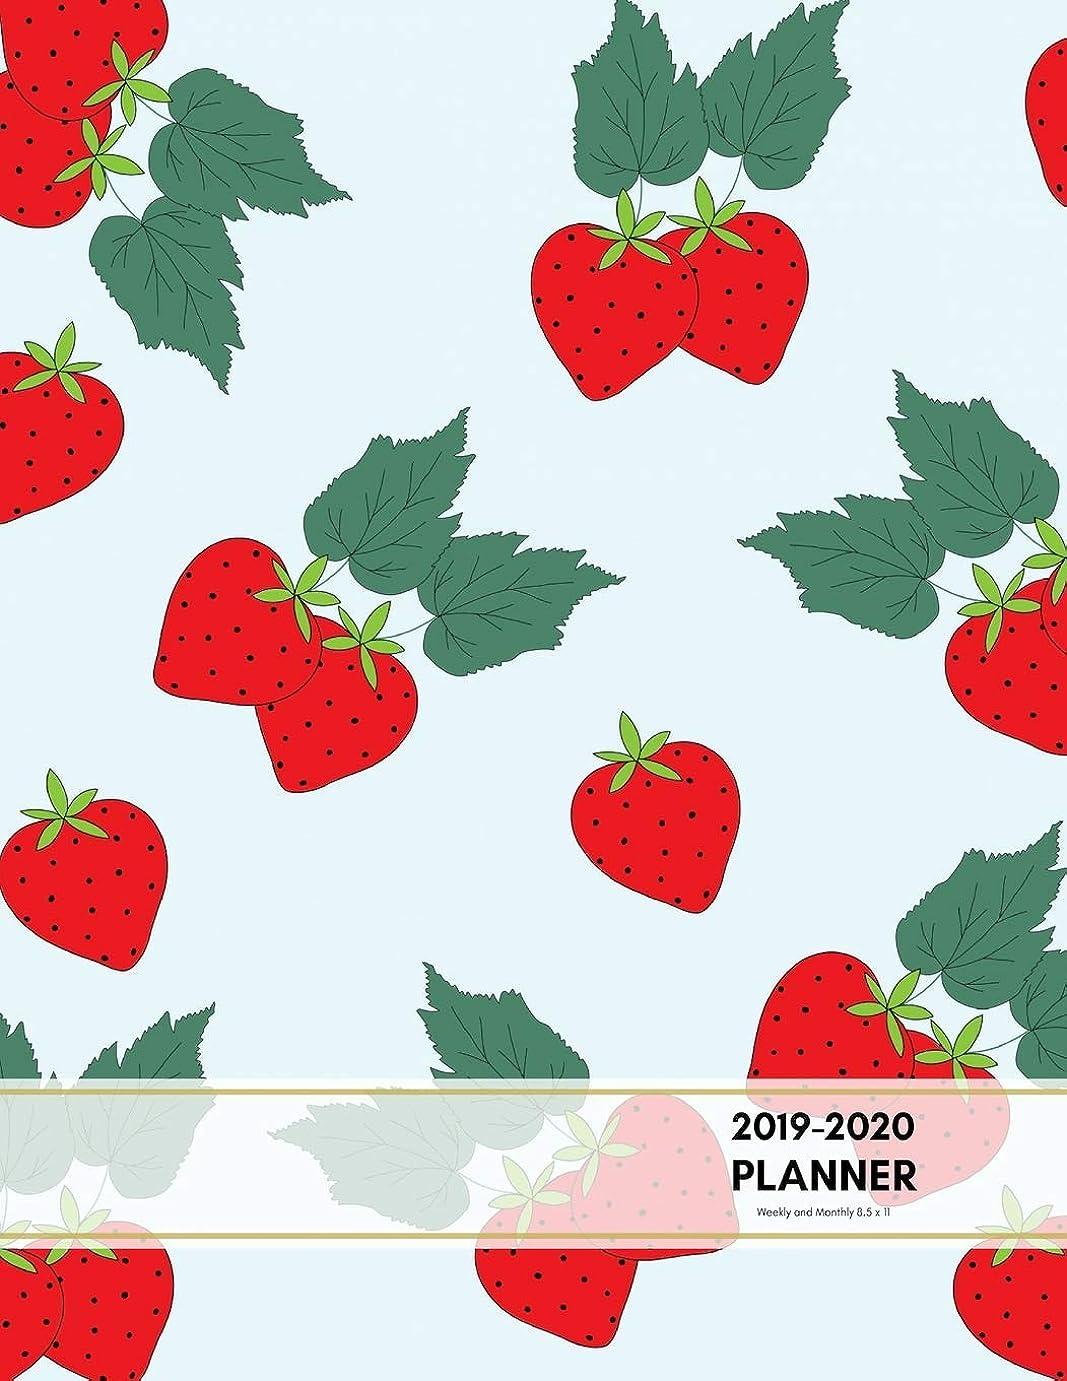 ねじれ神秘的な採用2019-2020 Planner Weekly and Monthly 8.5 x 11: Strawberry Theme Calendar Schedule Organizer and Journal Notebook (January 2019 - December 2020) (Academic Year)